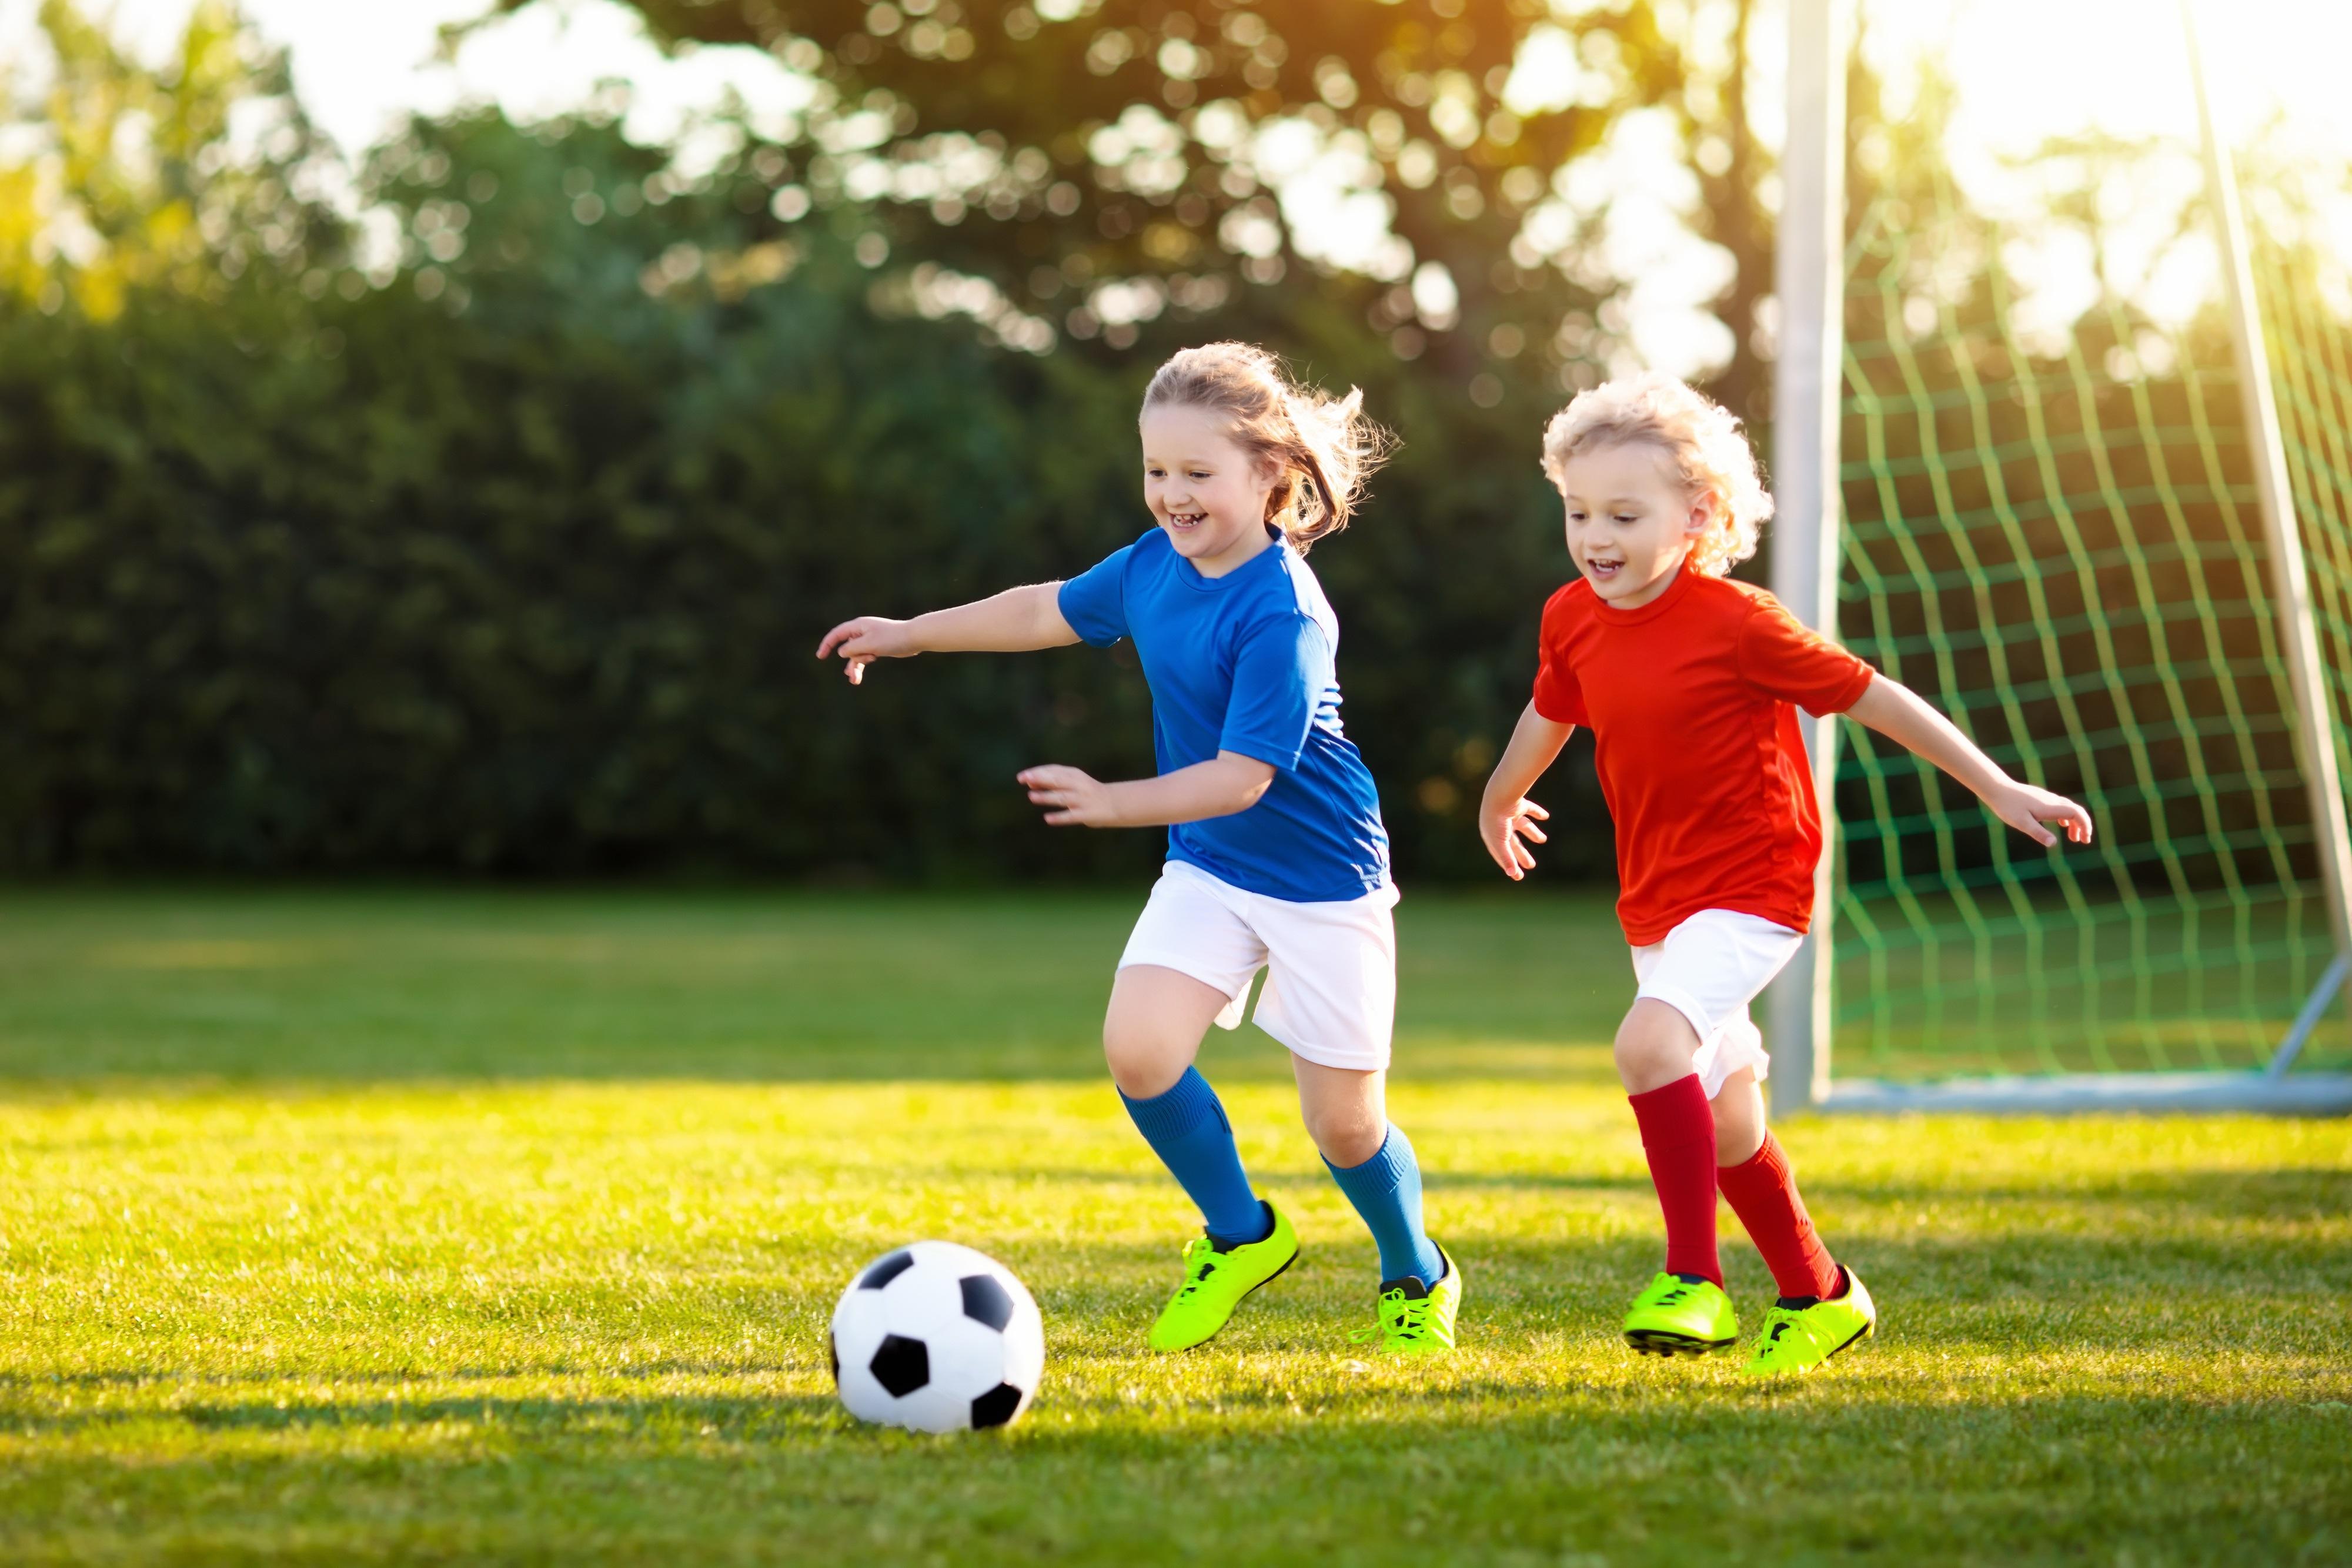 Voetballen is leuk voor jongens én meisjes. Probeer het een keertje bij Grasshoppers. (Foto: AdobeStock)